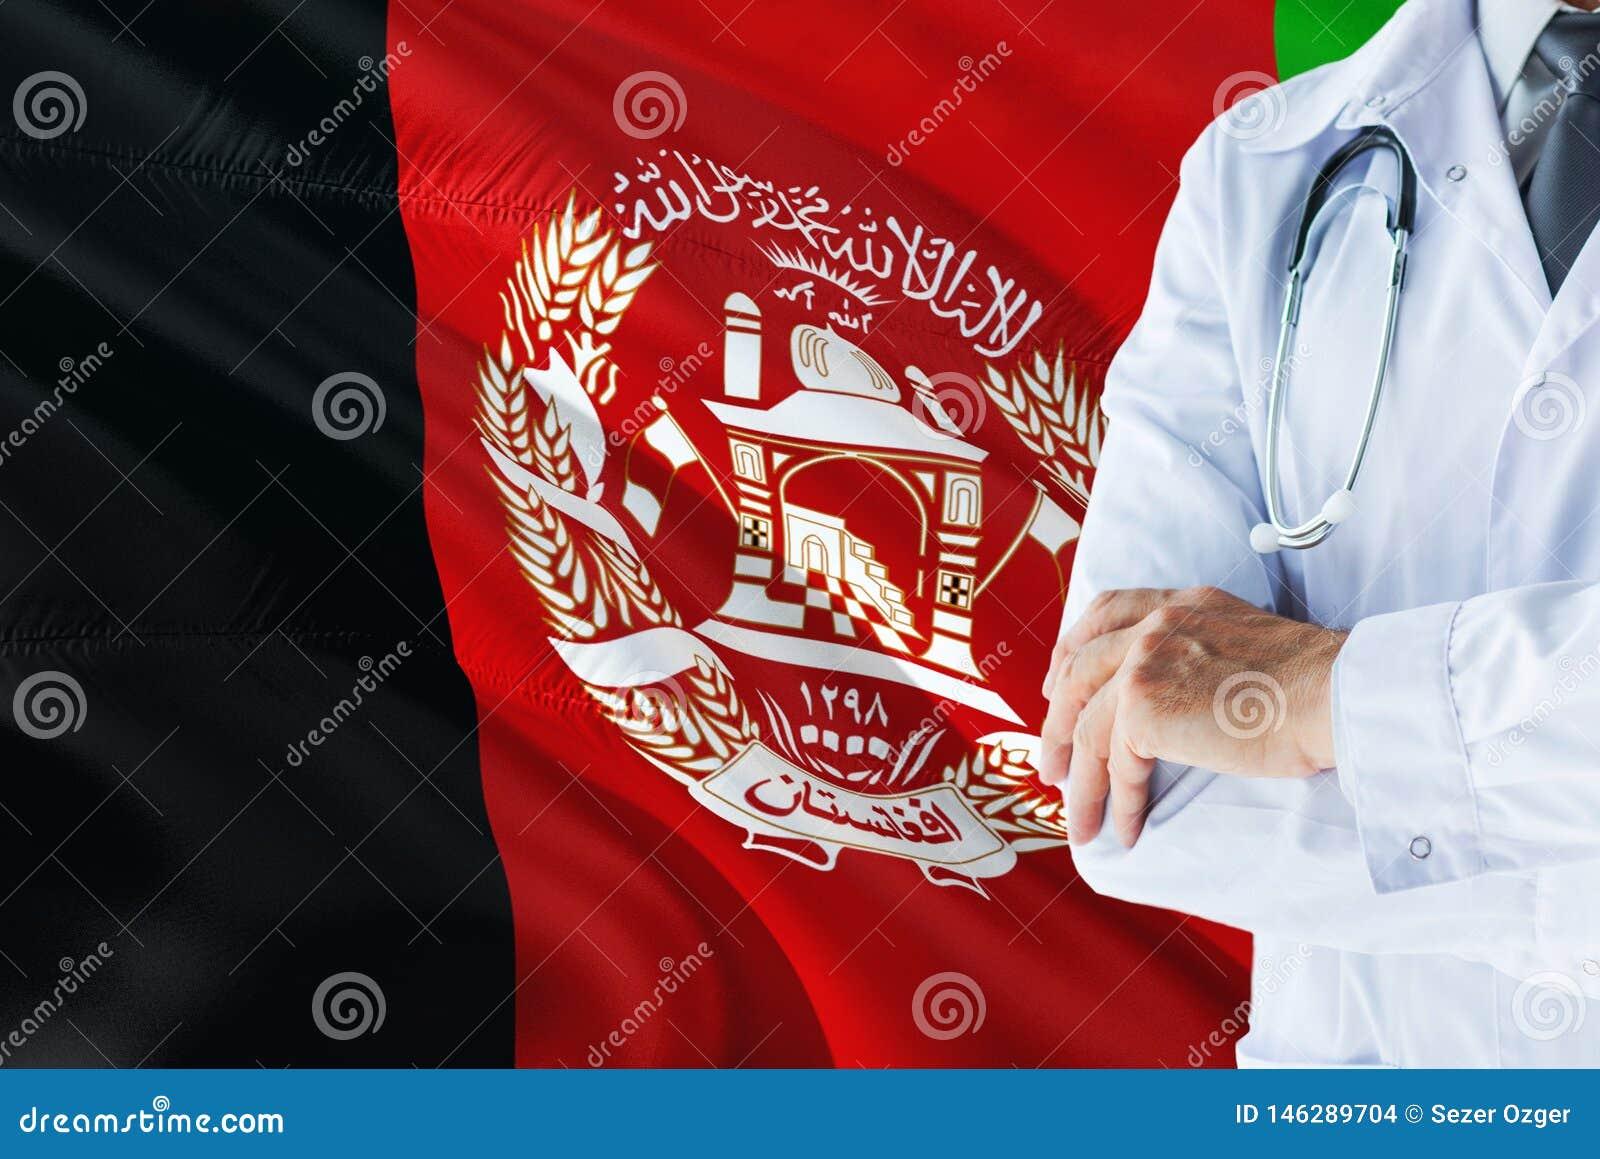 Afgańczyk Doktorska pozycja z stetoskopem na Afganistan flagi tle Krajowy system opieki zdrowotnej pojęcie, medyczny temat